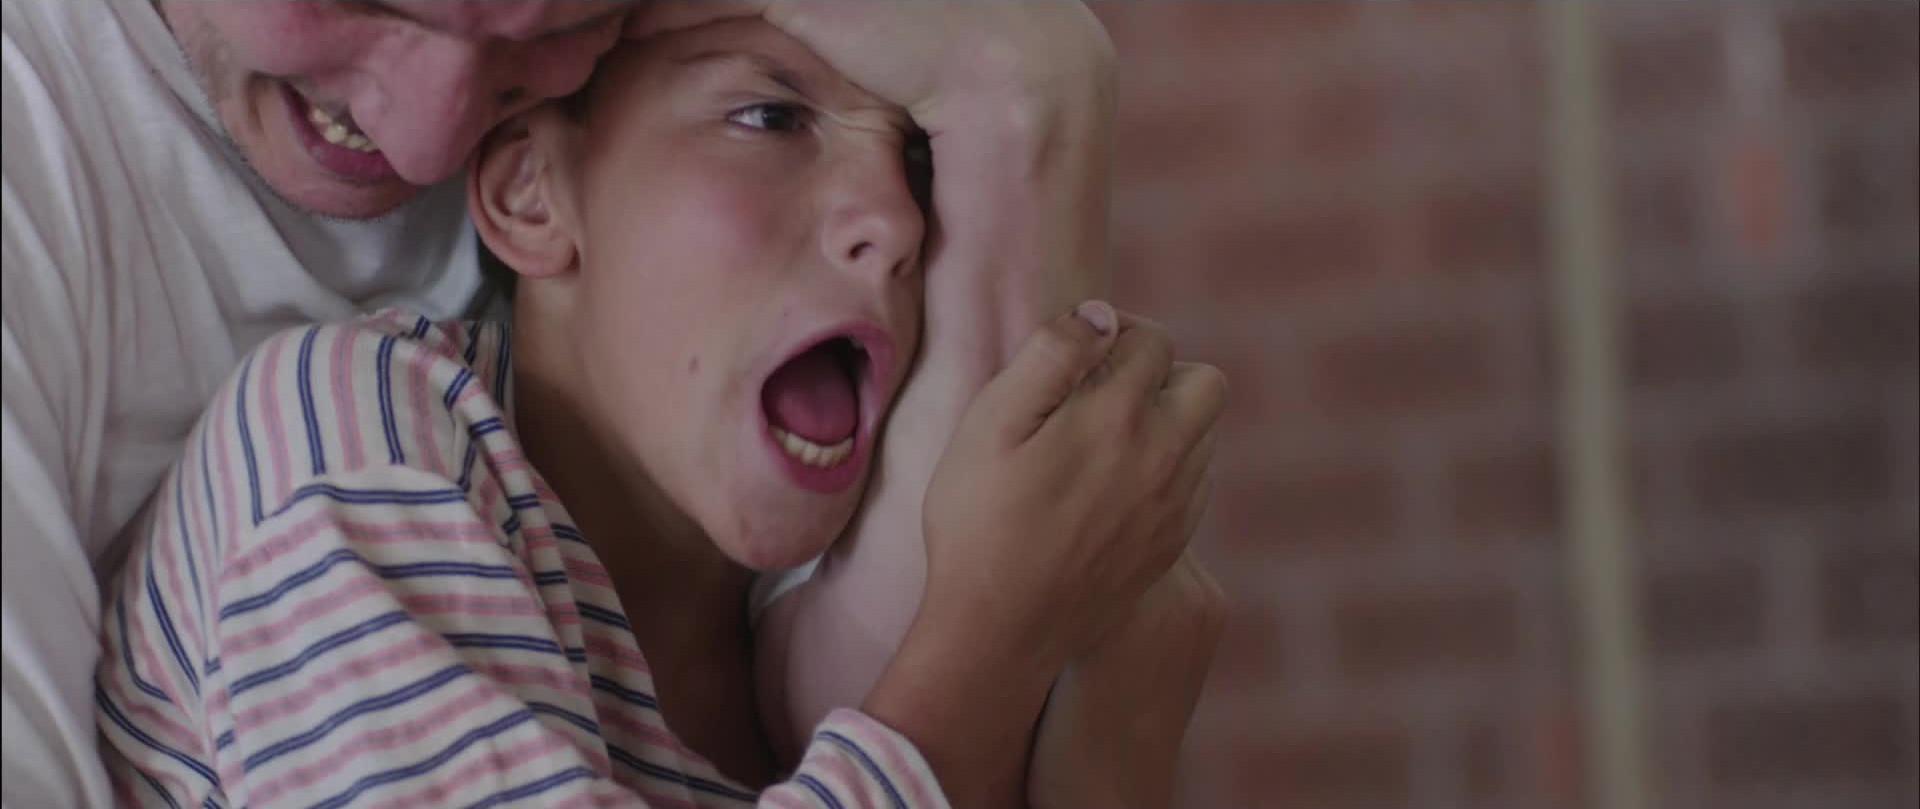 No One's Child: una drammatica seqenza del film di Vuk Rsumovic